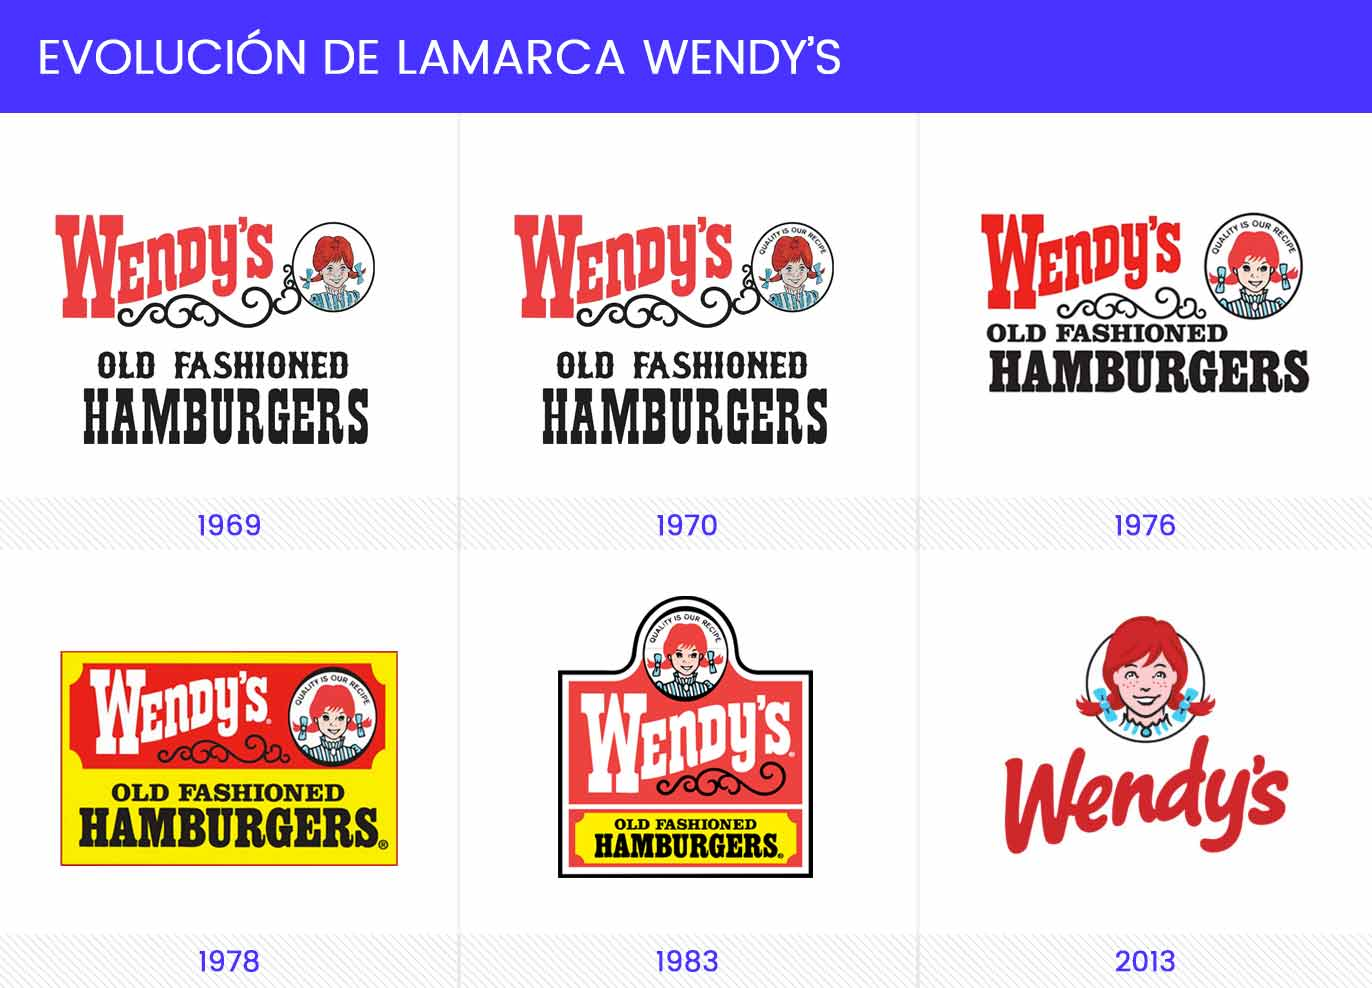 Evolución de la marca Wendy's